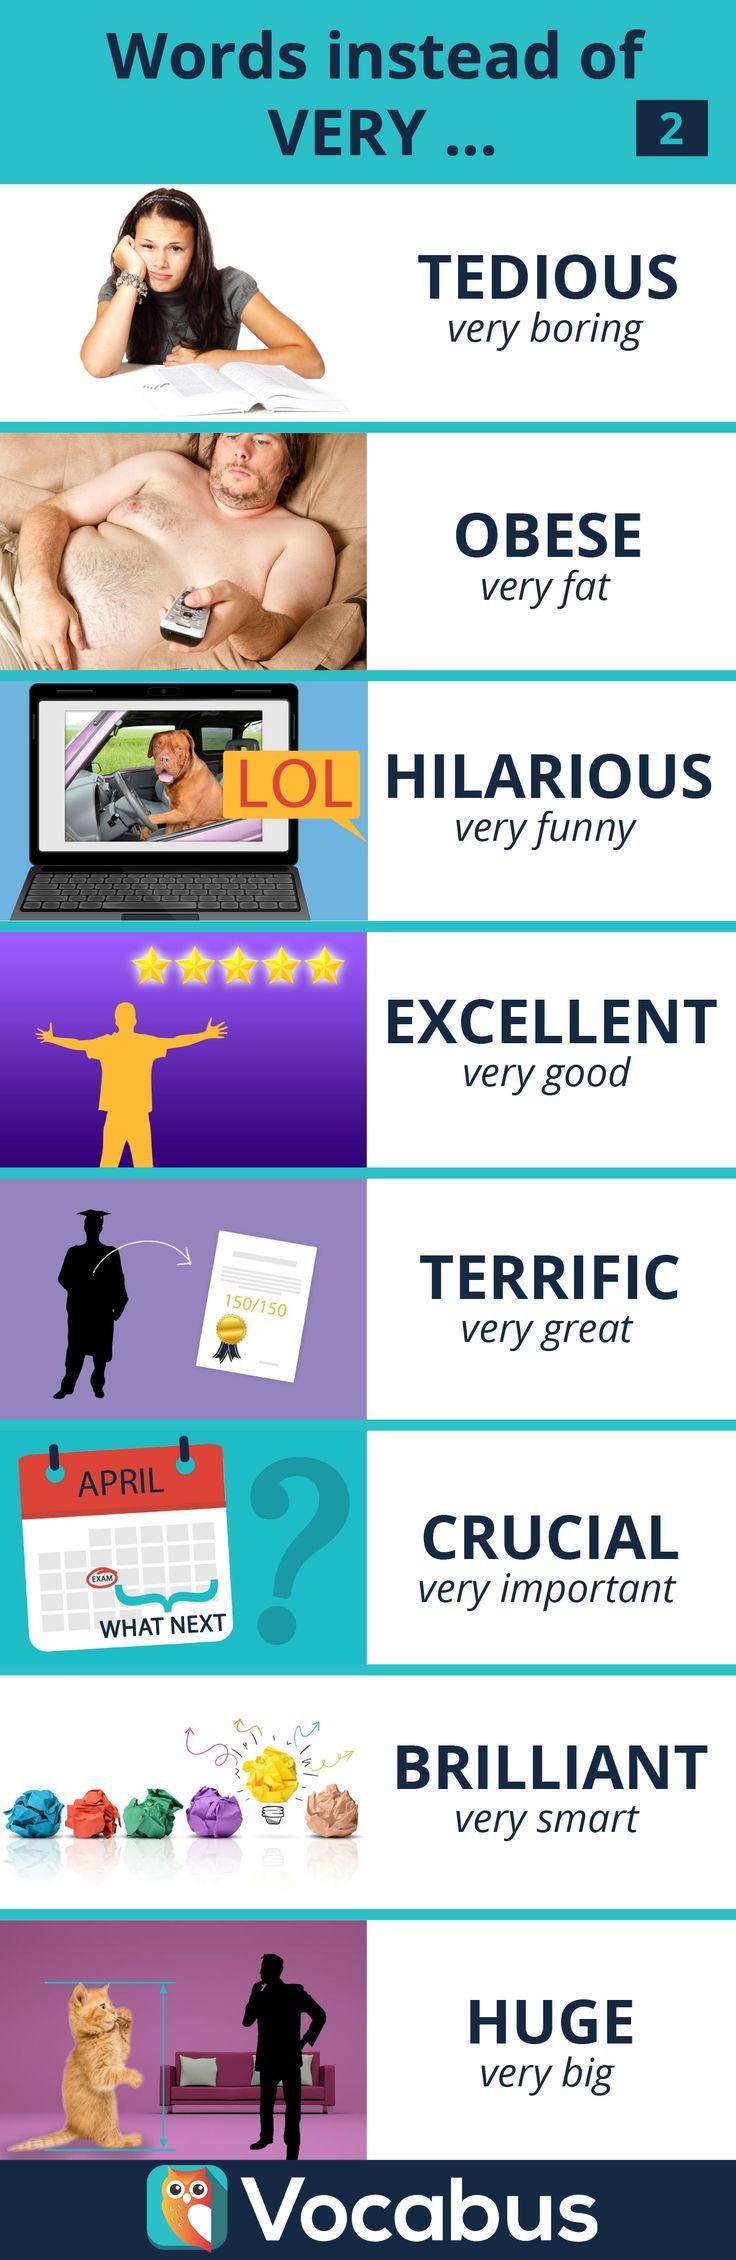 Kolejna paczka przymiotników, które warto używać zamiast zdań z 'very...'. Im bogatsze słownictwo, tym ... łatwiej się porozumieć. :) Nauka, angielski, słówka, słownictwo, przymiotniki